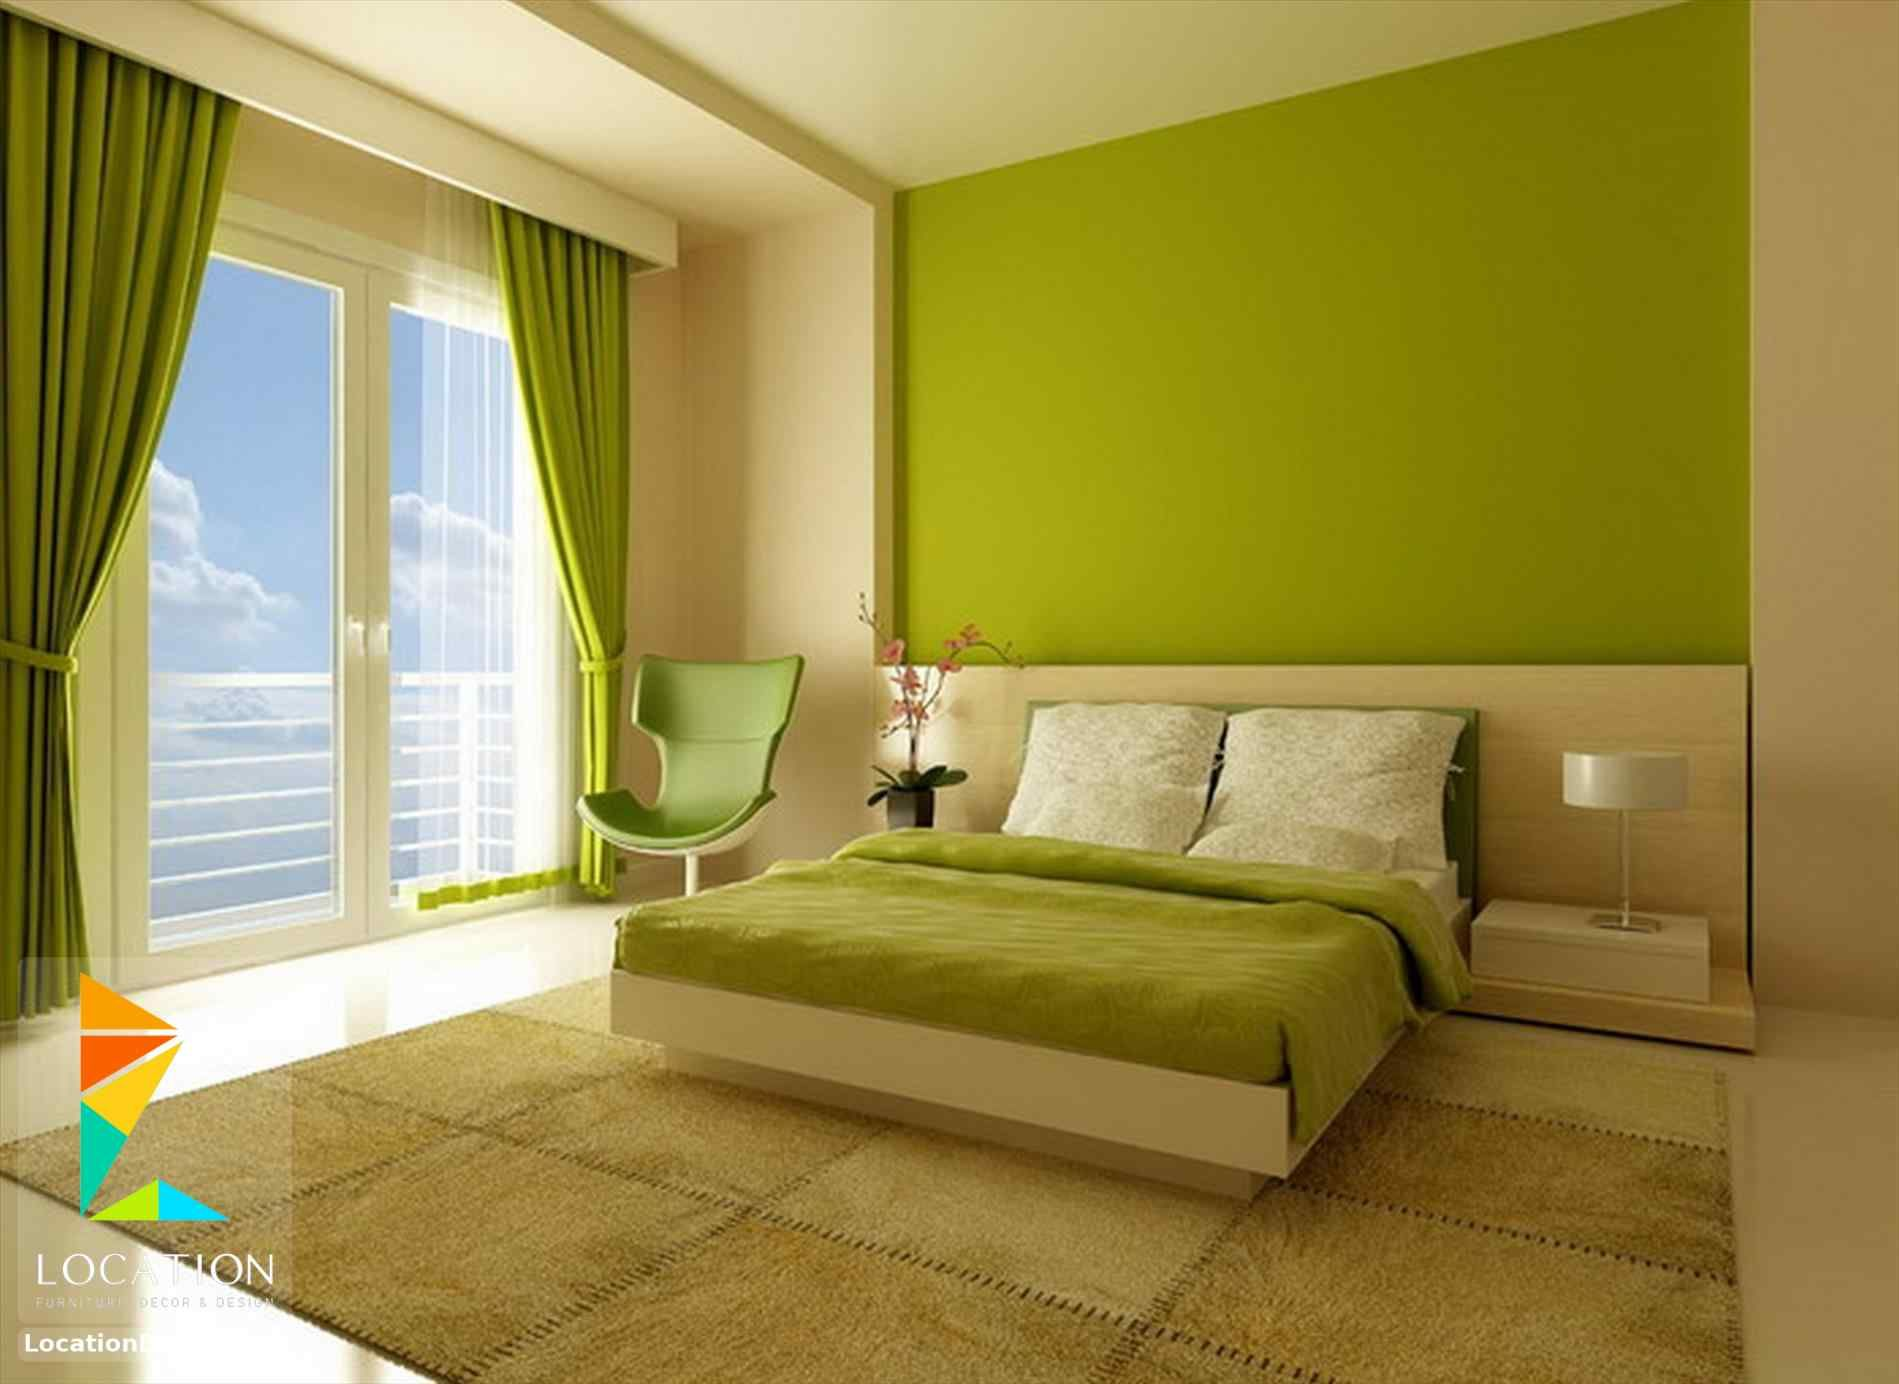 بالصور أحدث الوان دهانات غرف نوم للعرسان 2018 2019 لوكشين ديزين نت Bedroom Wall Colors Green Bedroom Decor Modern Bedroom Decor